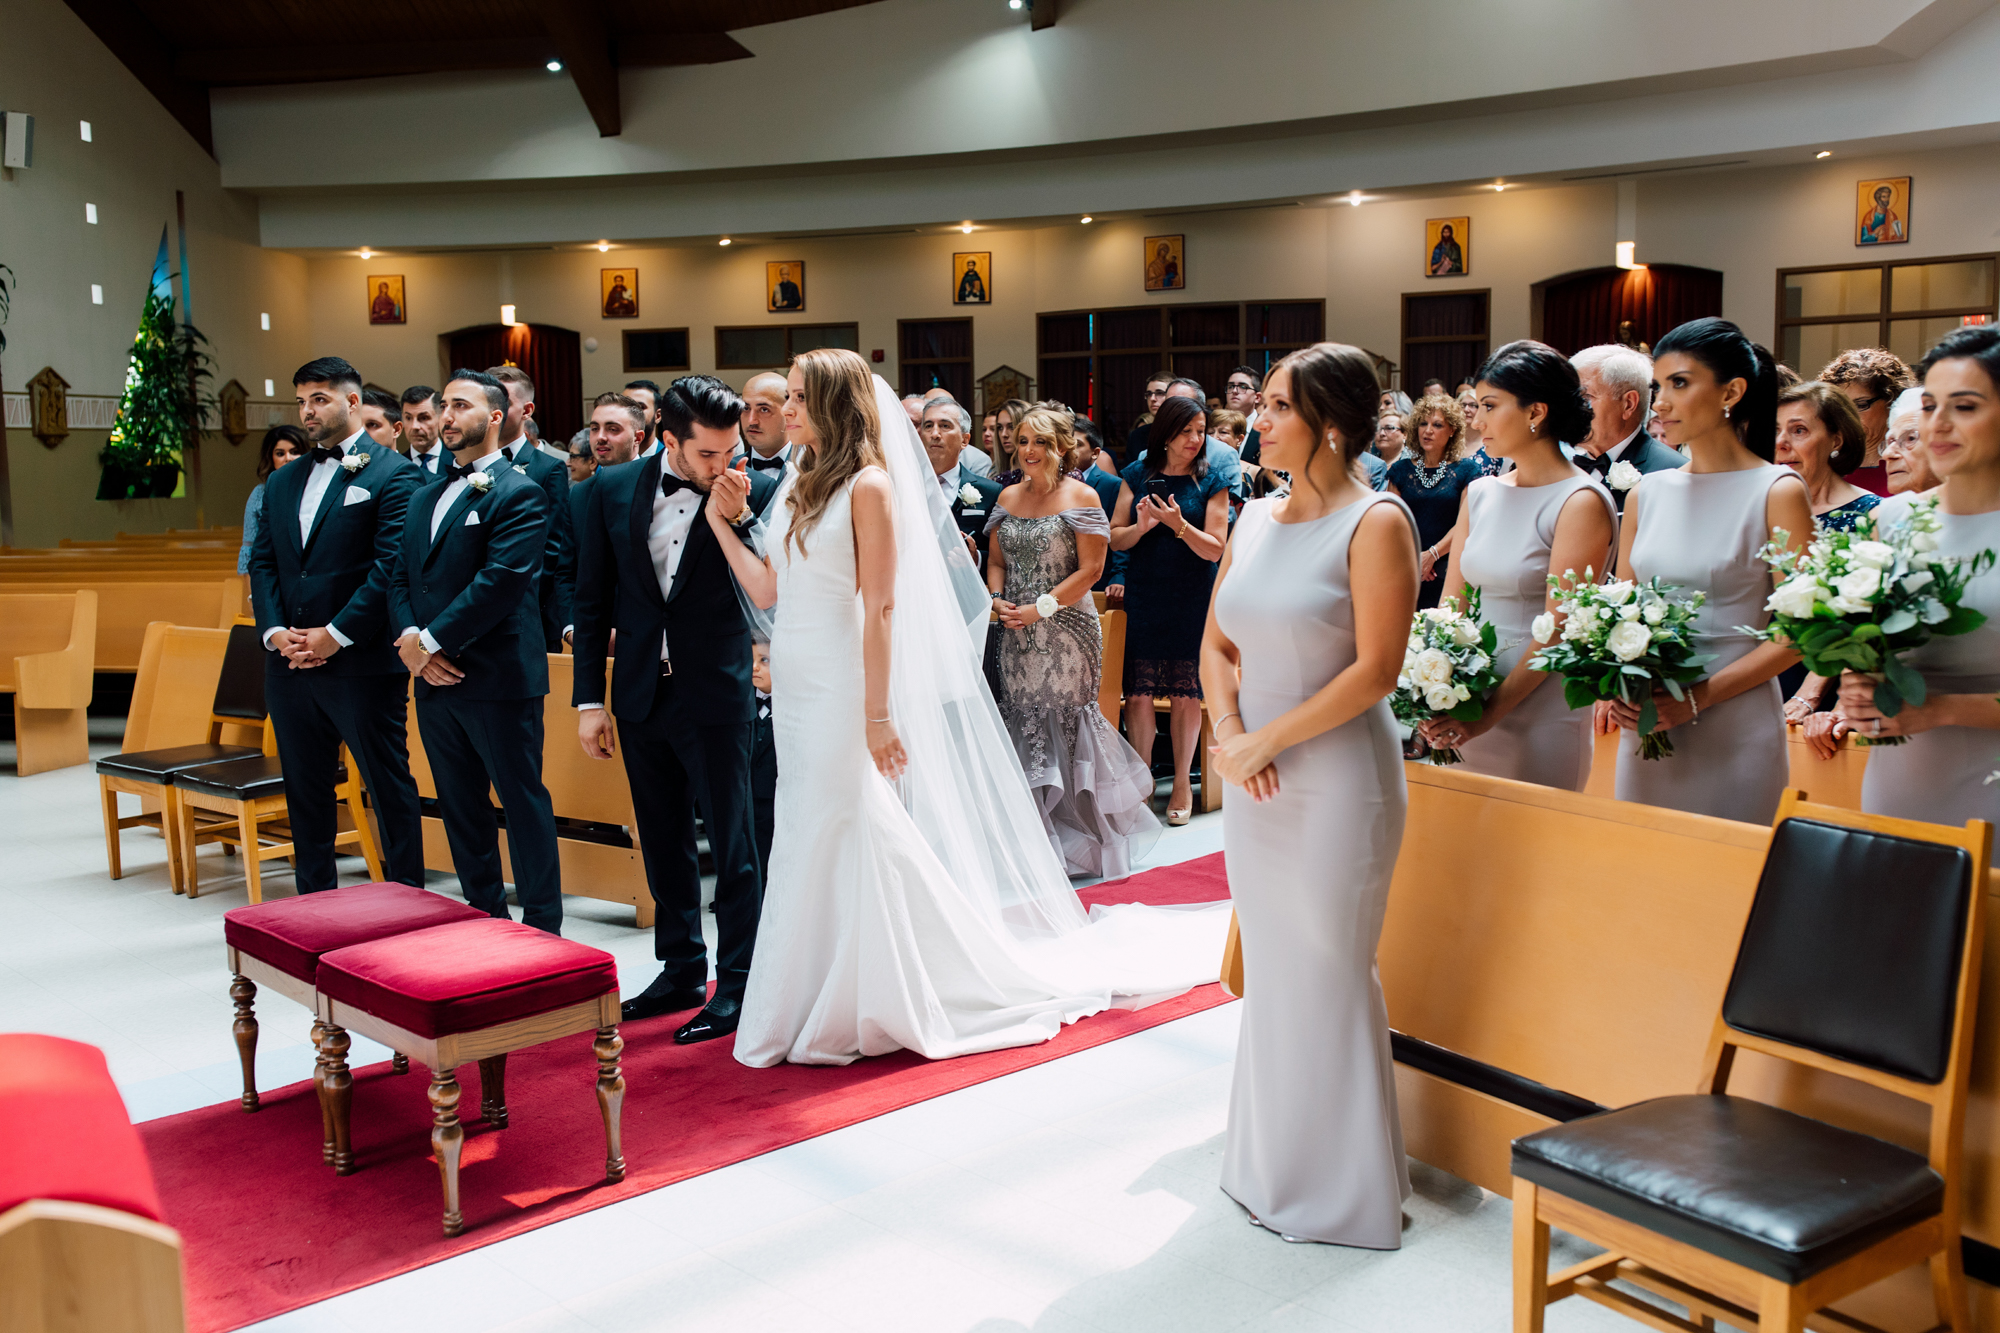 st. david's parish wedding